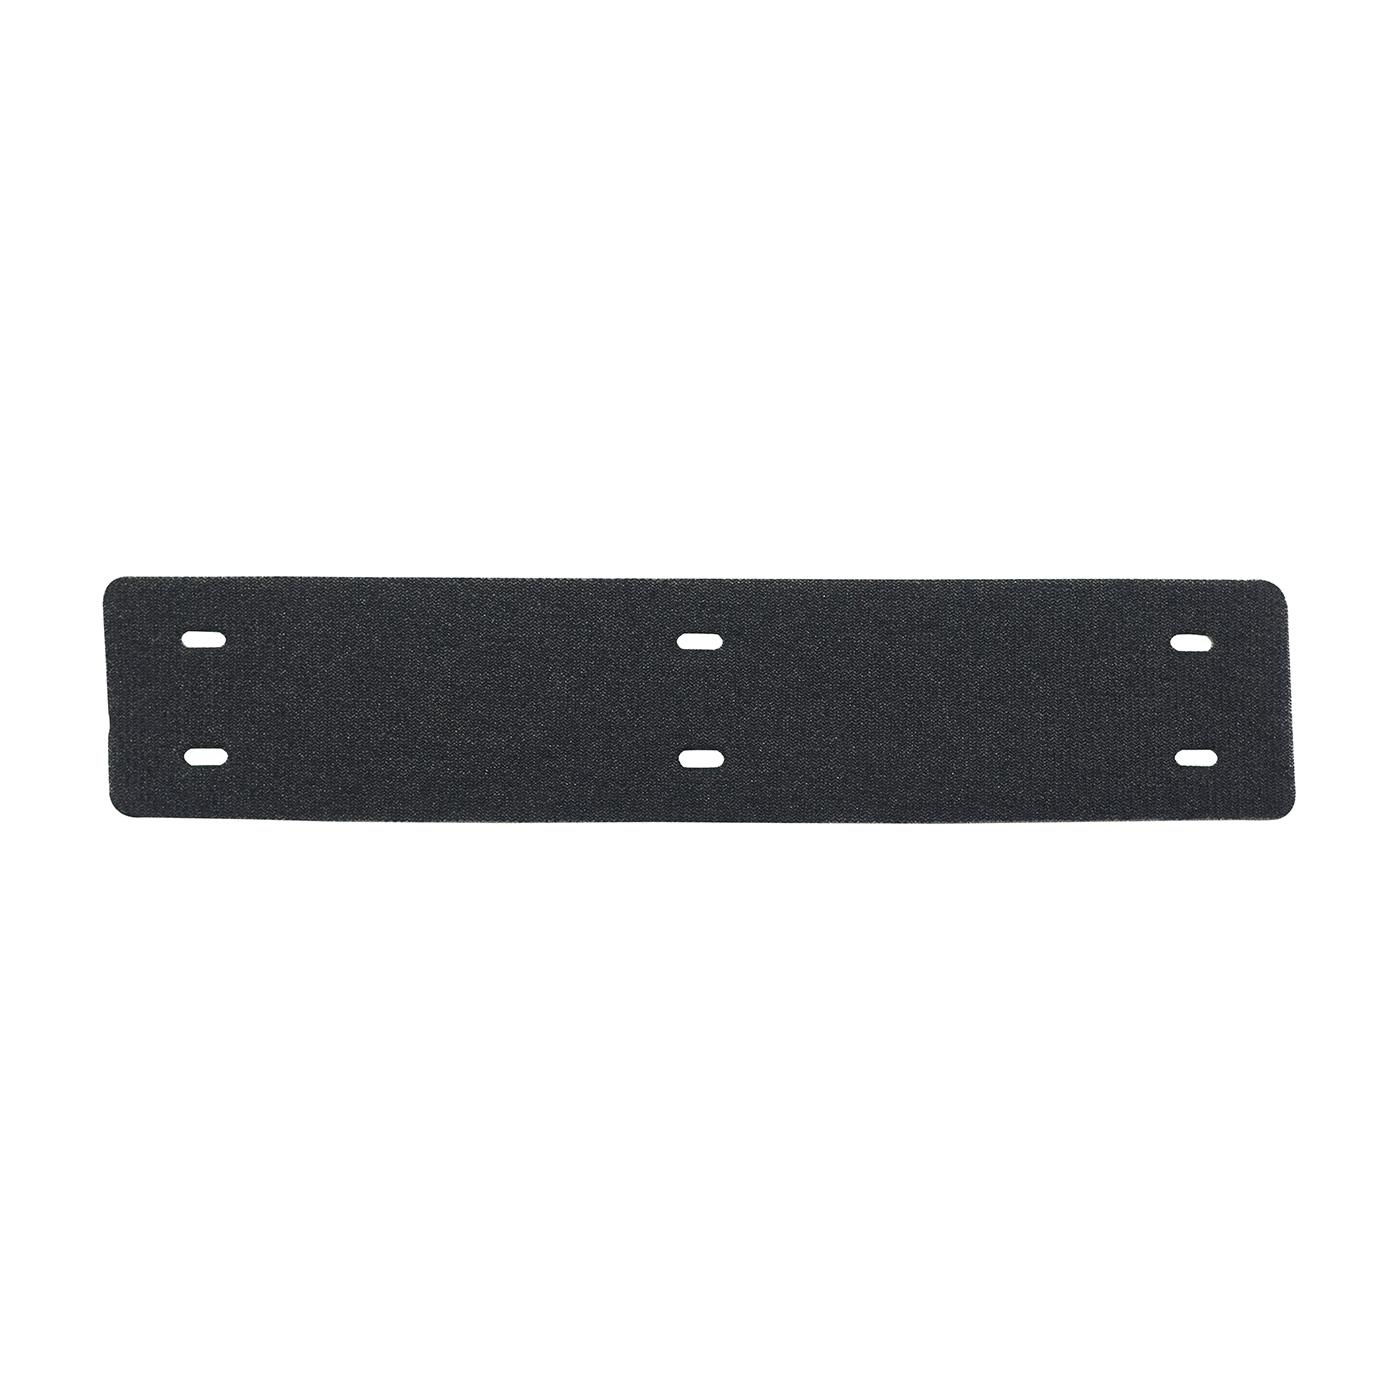 JSP® 281-SB-NBF Universal Replacement Sweatband, OS, Black, Brushed Nylon Backed Foam